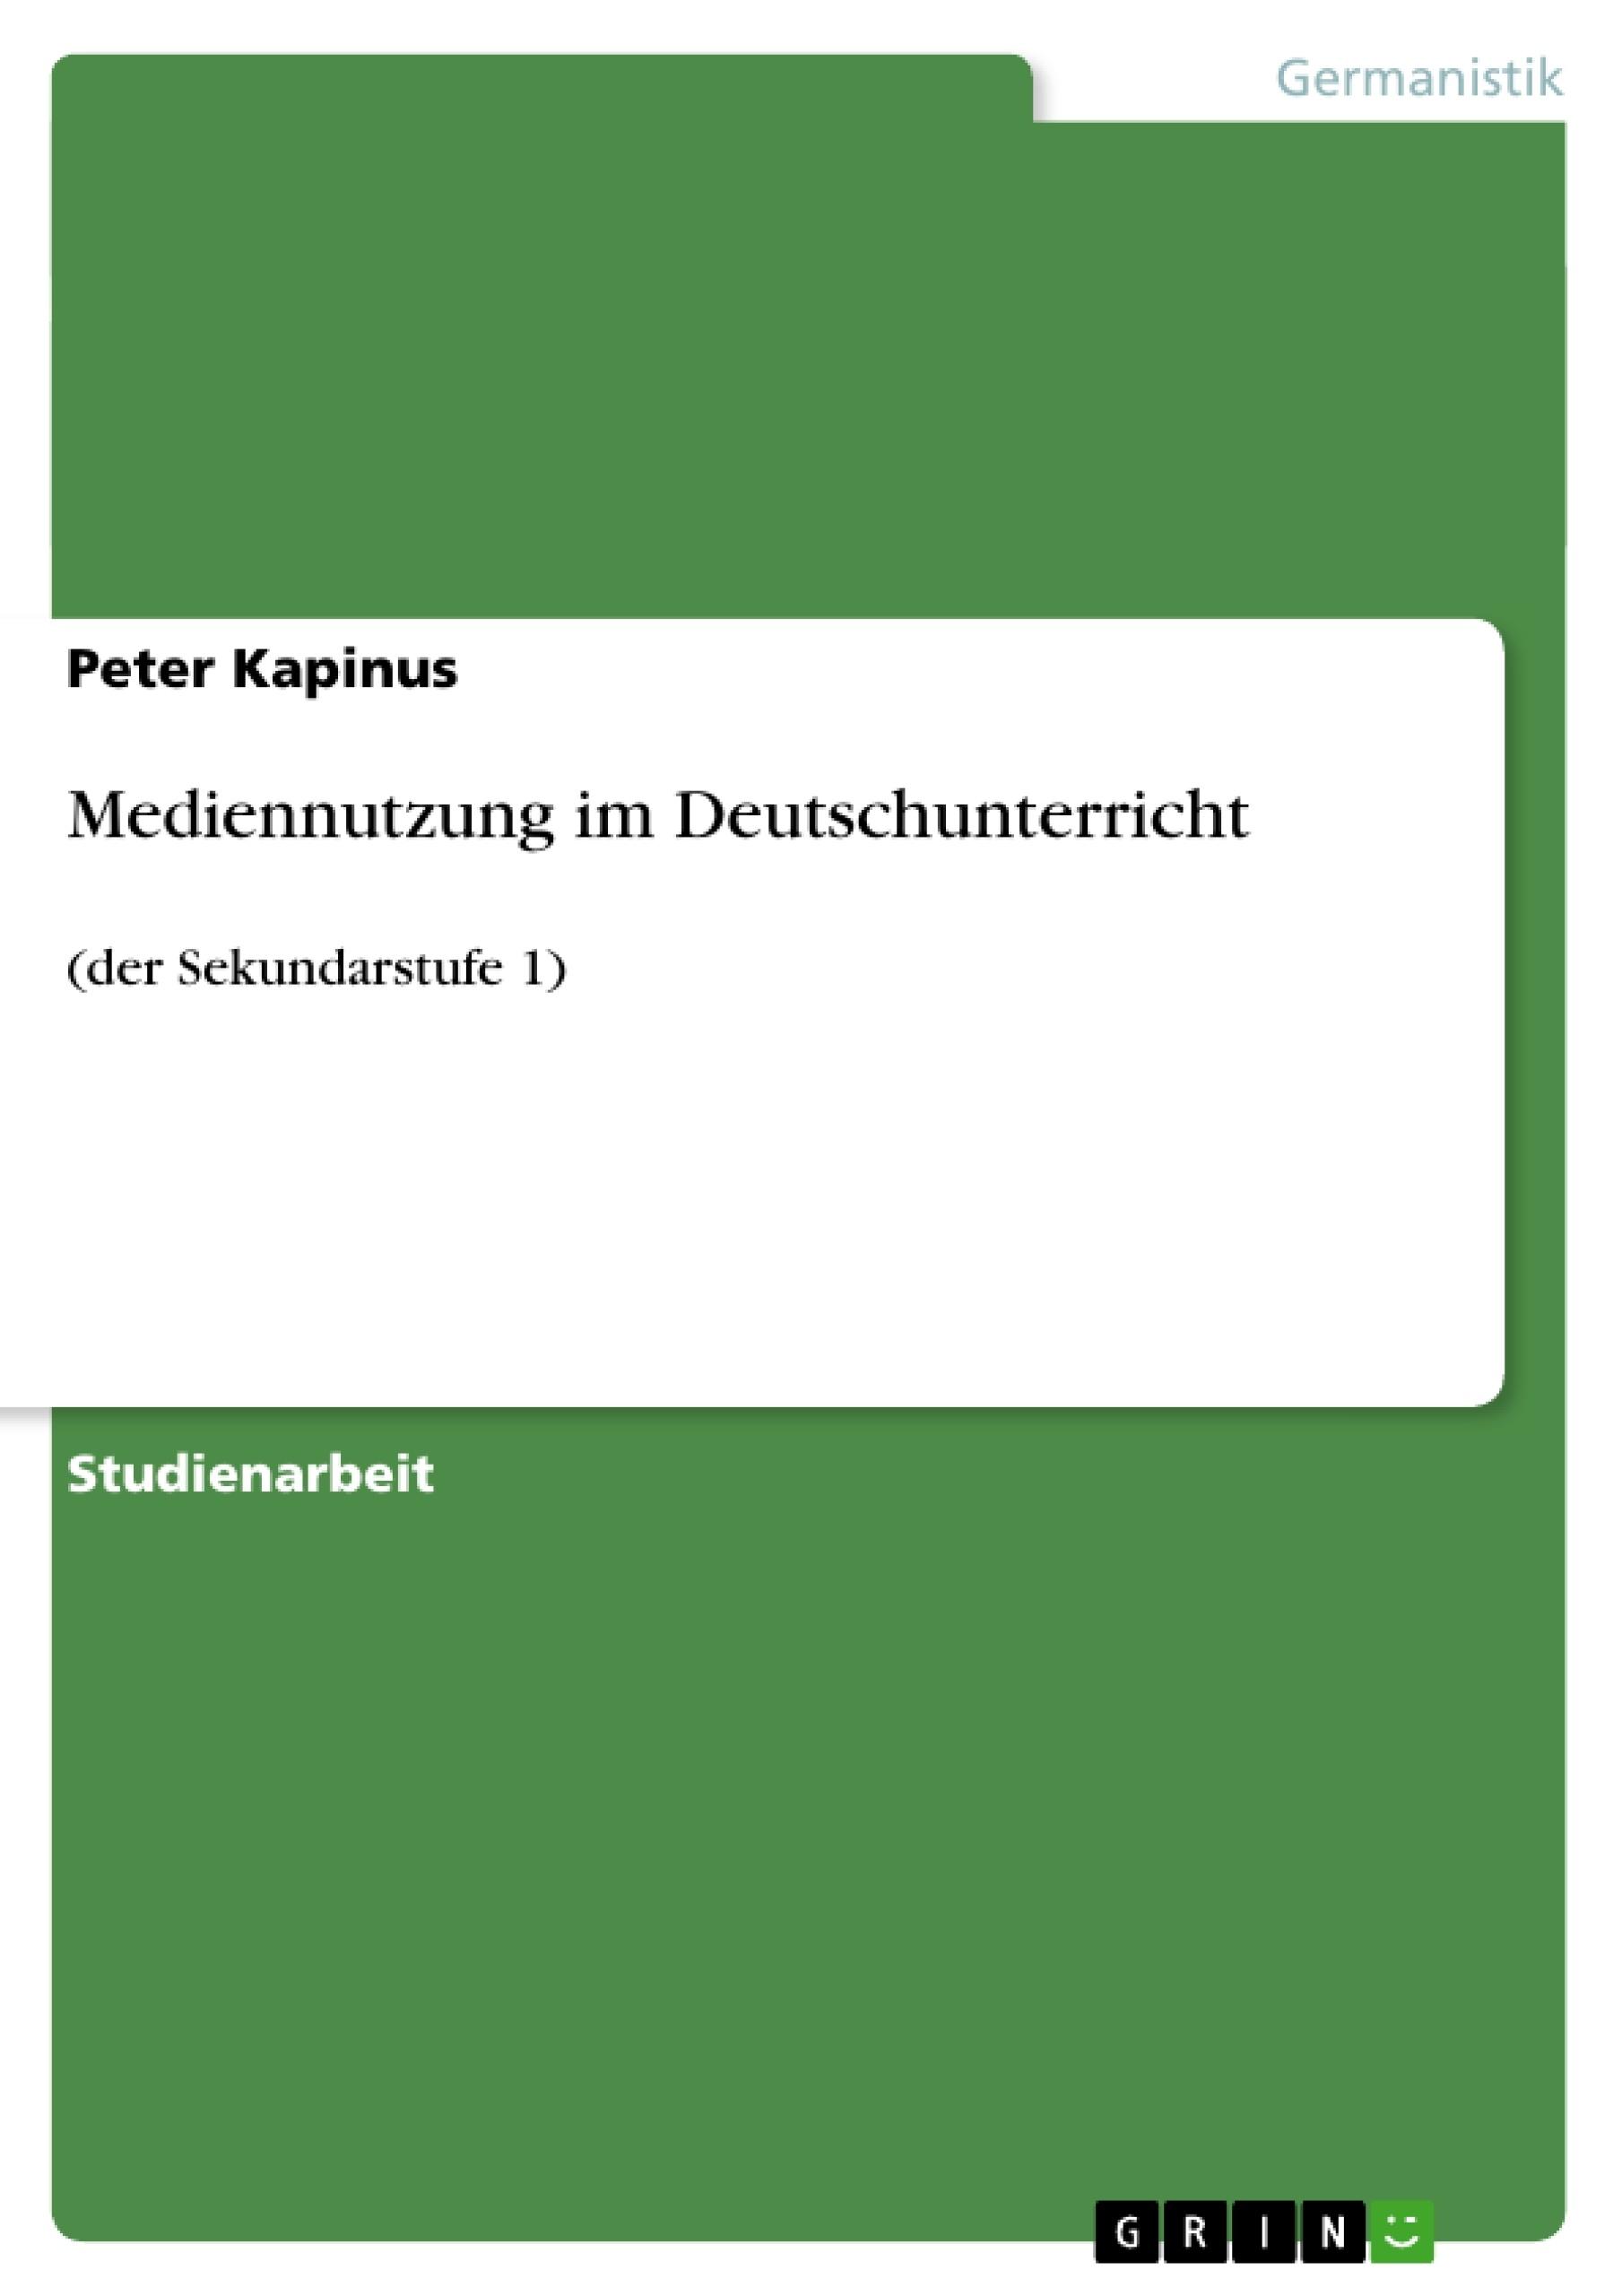 Titel: Mediennutzung im Deutschunterricht